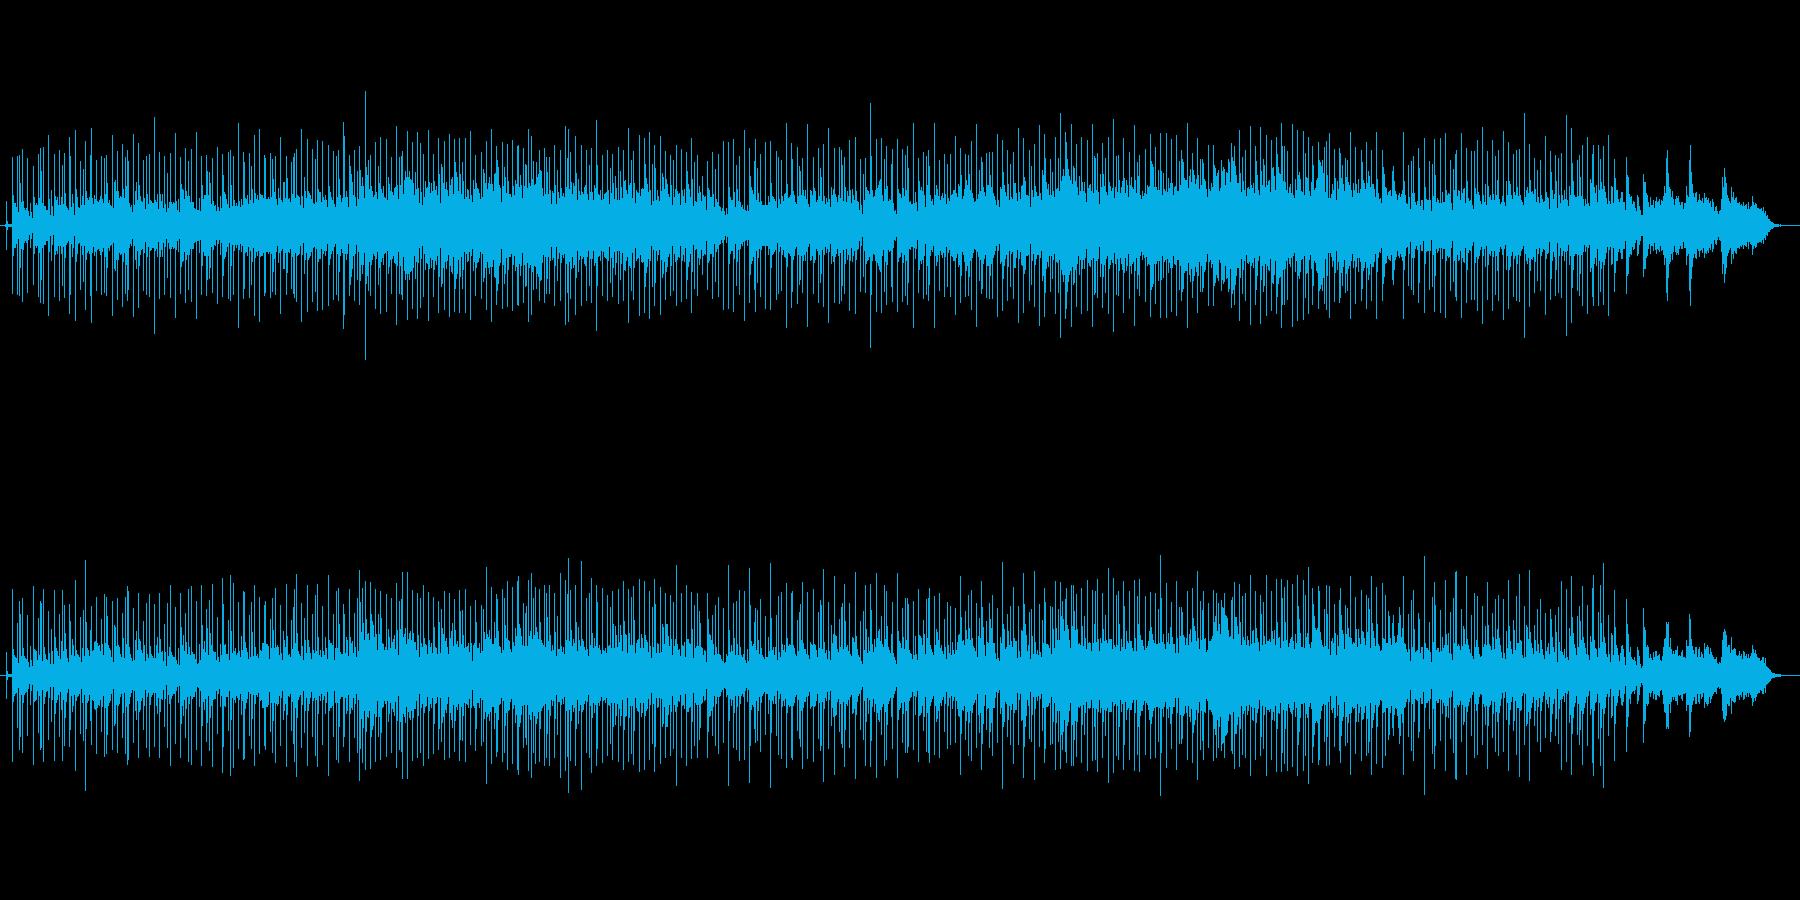 ドラマのエンディングテーマ風の再生済みの波形